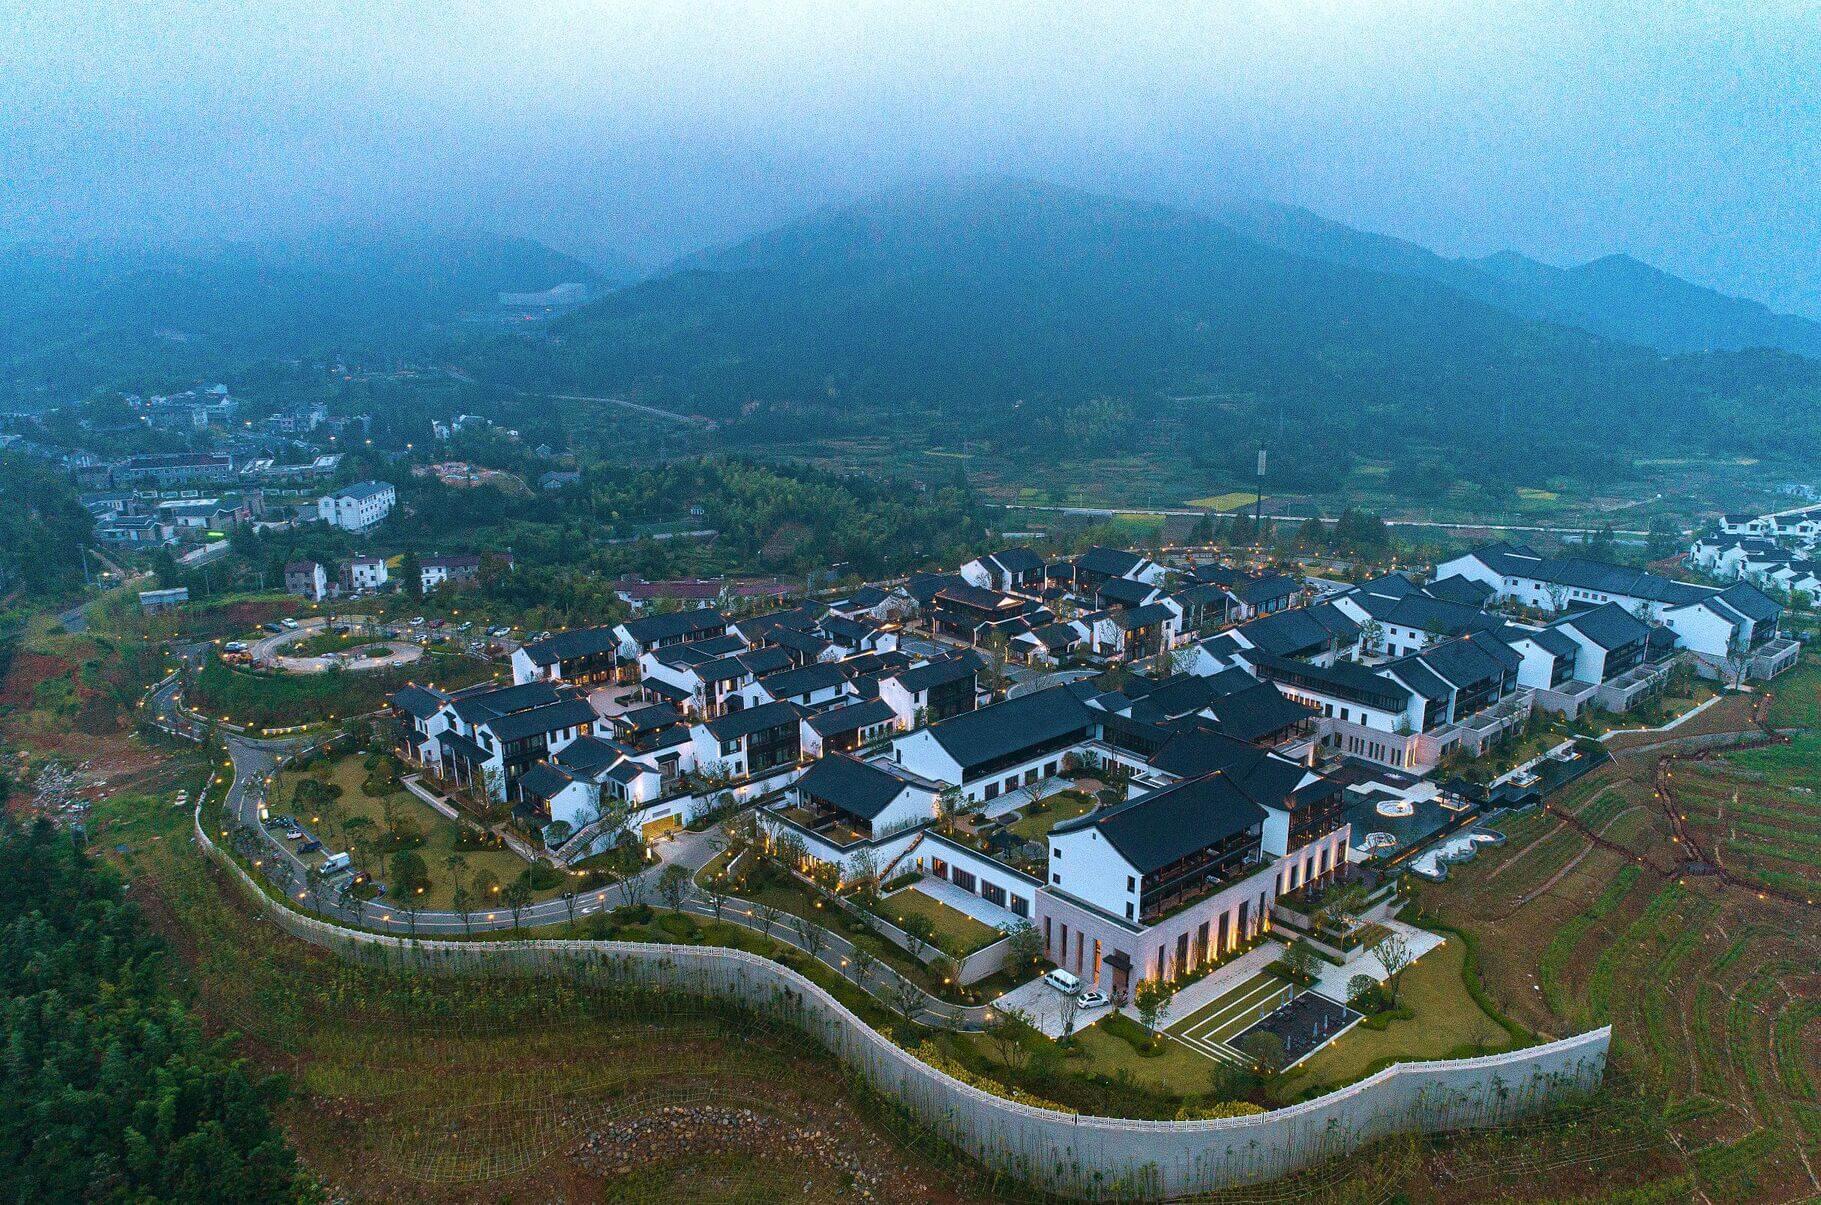 Hoshino Resorts KASUKE Tiantai to Open in Tiantai, China